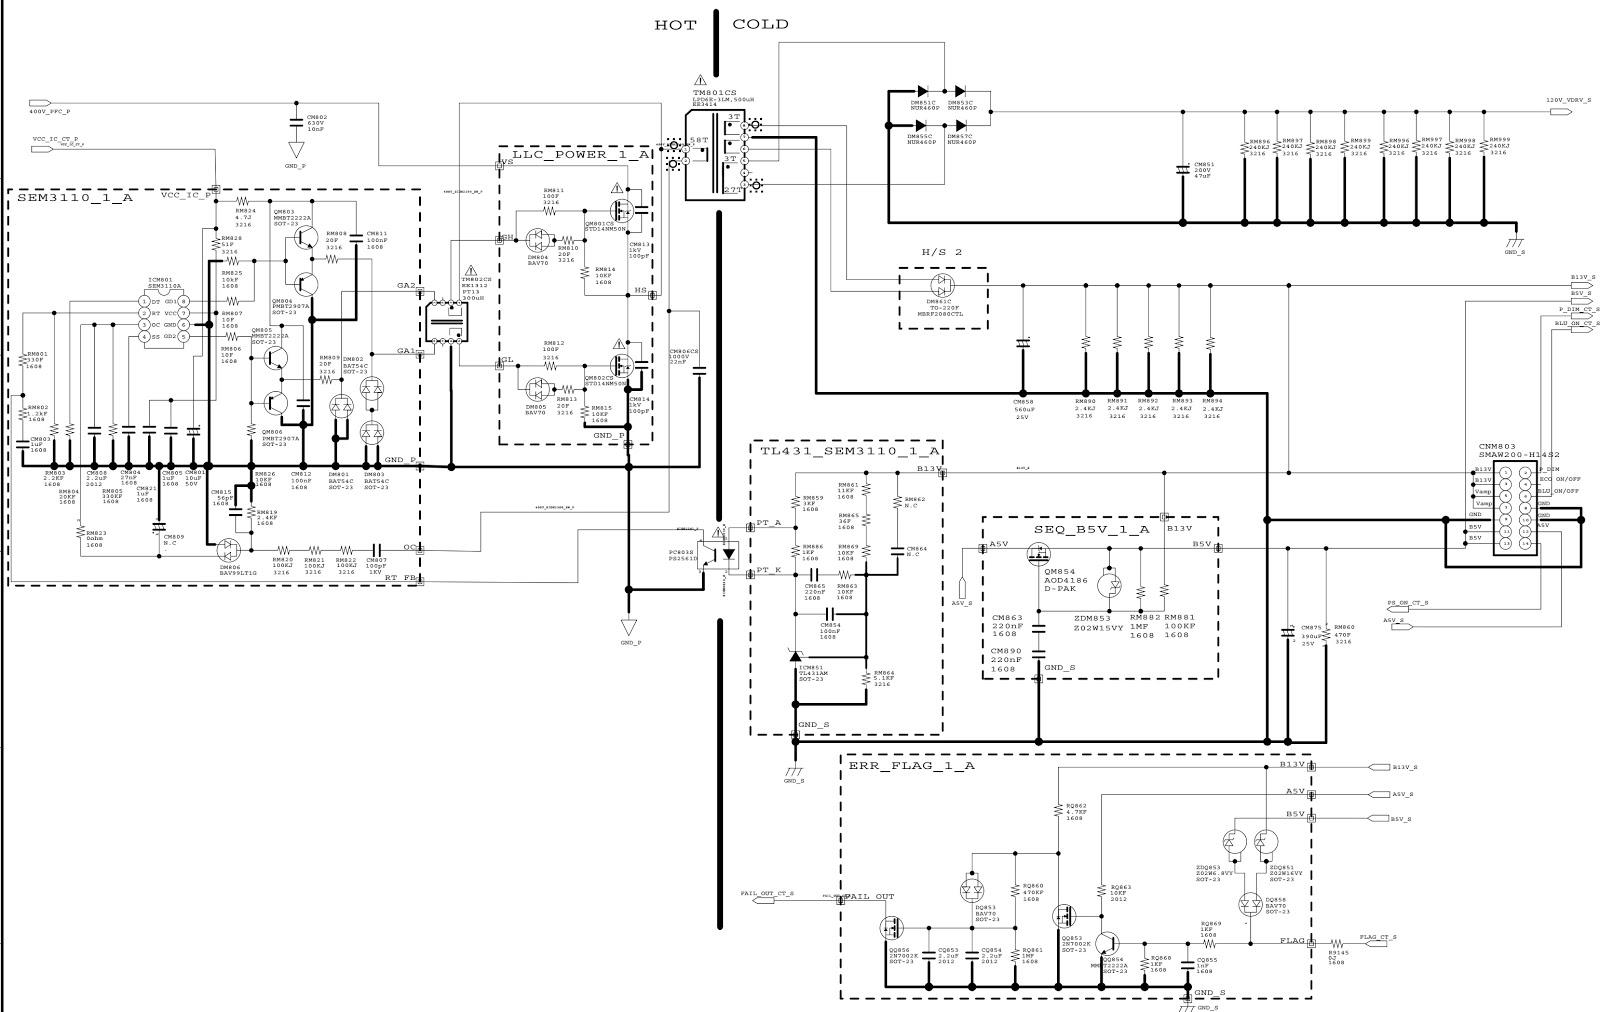 Y Deltum Circuit Diagram